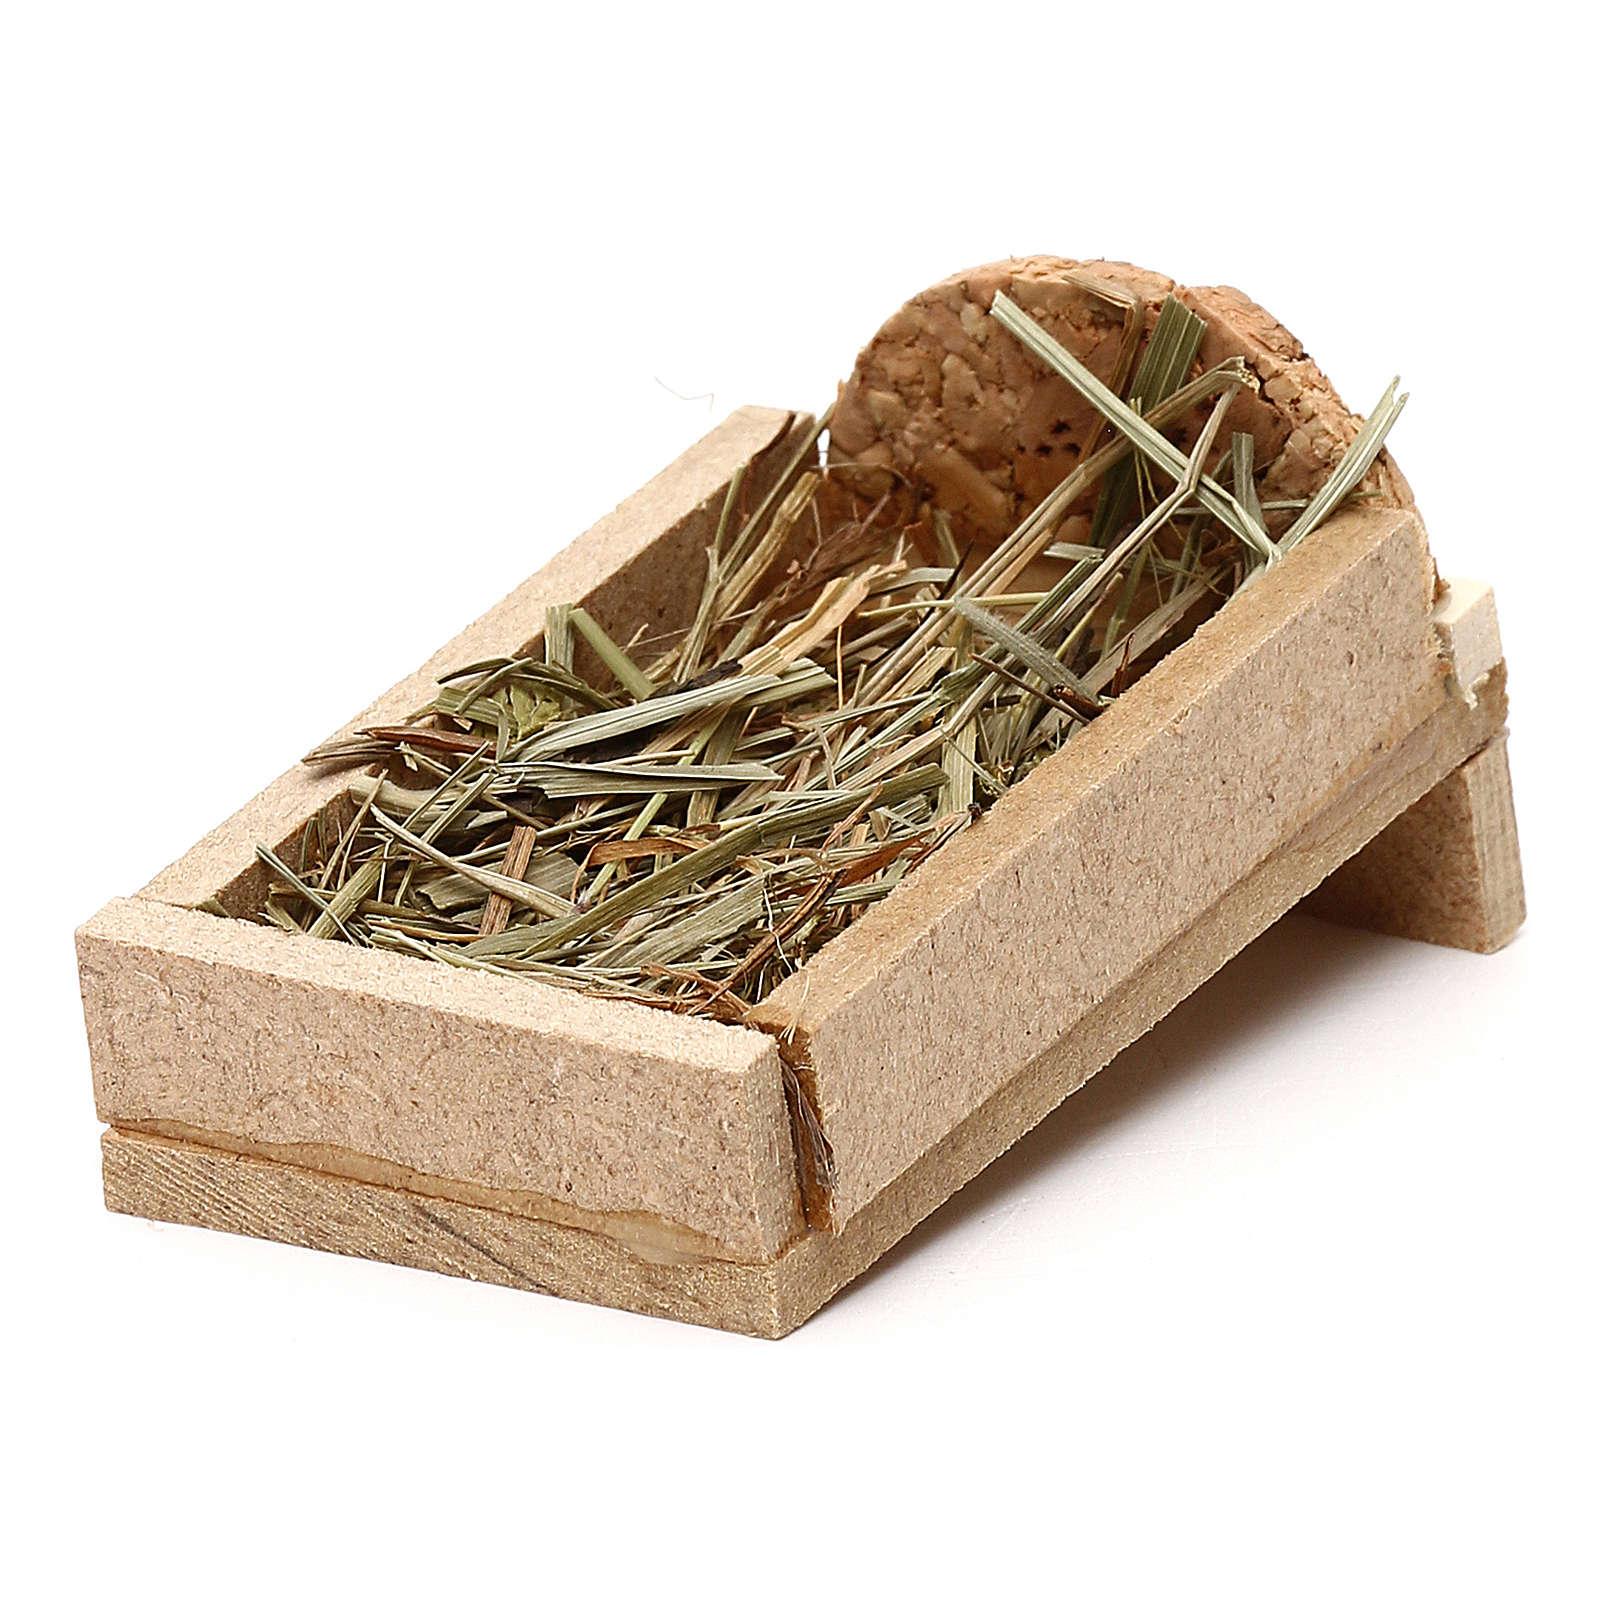 Berceau en bois et paille crèche 5 cm 3